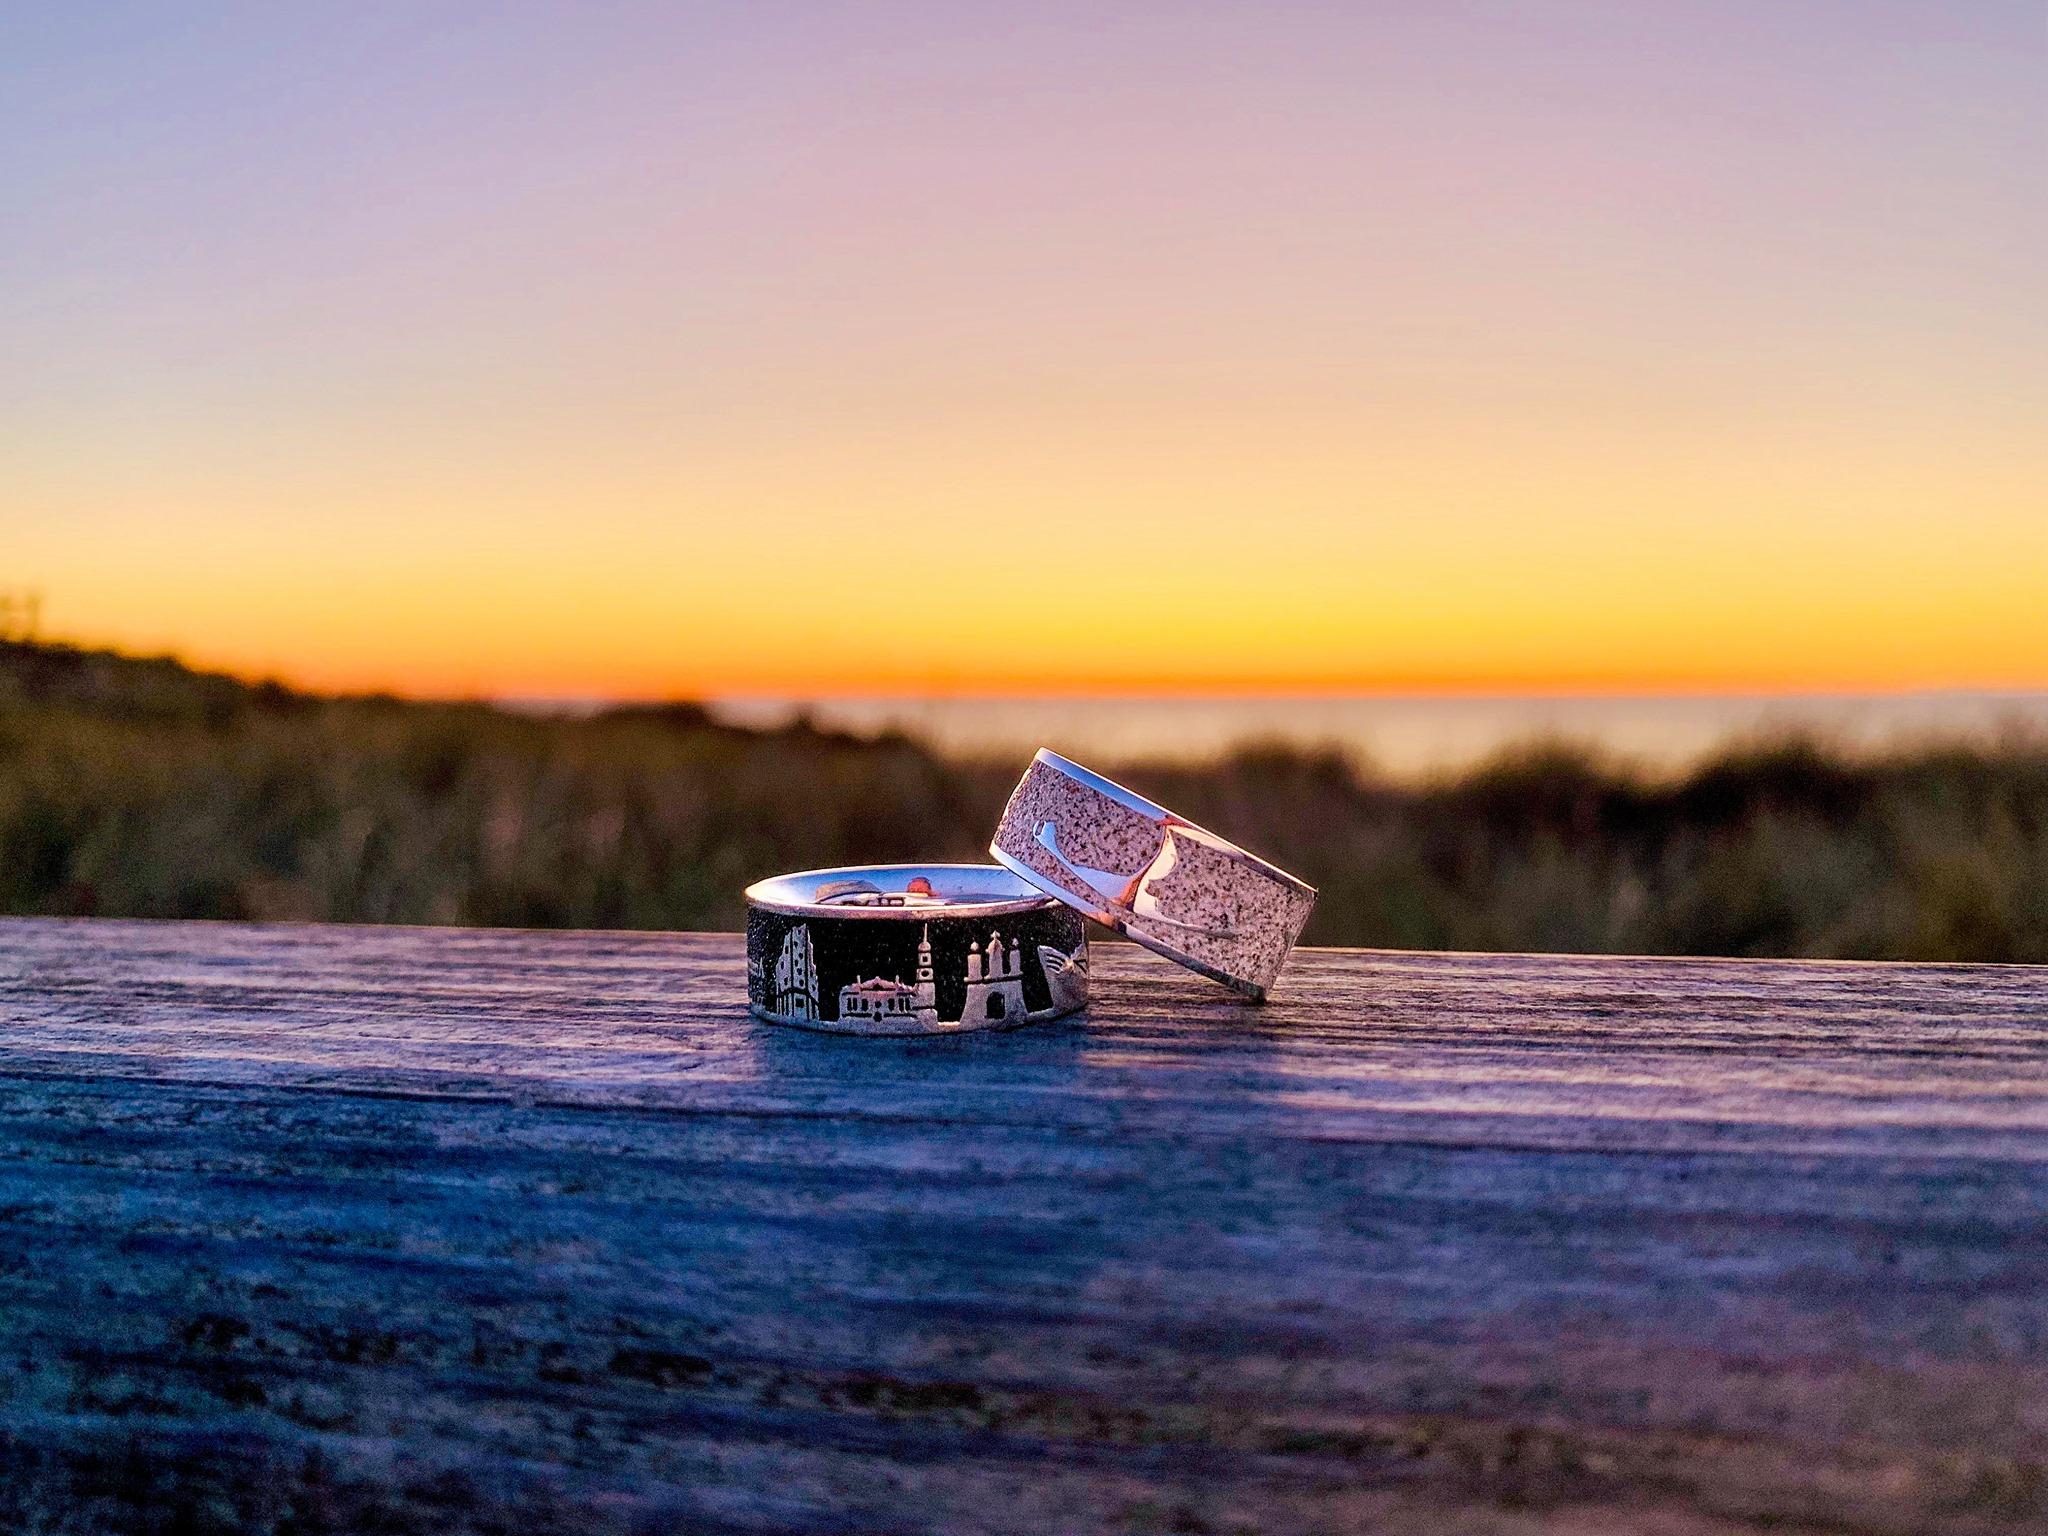 aquamarine sylt ist ein Laden für 925 Sterling Silber- Strandsandschmuck und maritime Deko- Accessoires. Strandsandschmuck ist 925 Sterling Silber mit echten Strandsand verarbeitet !